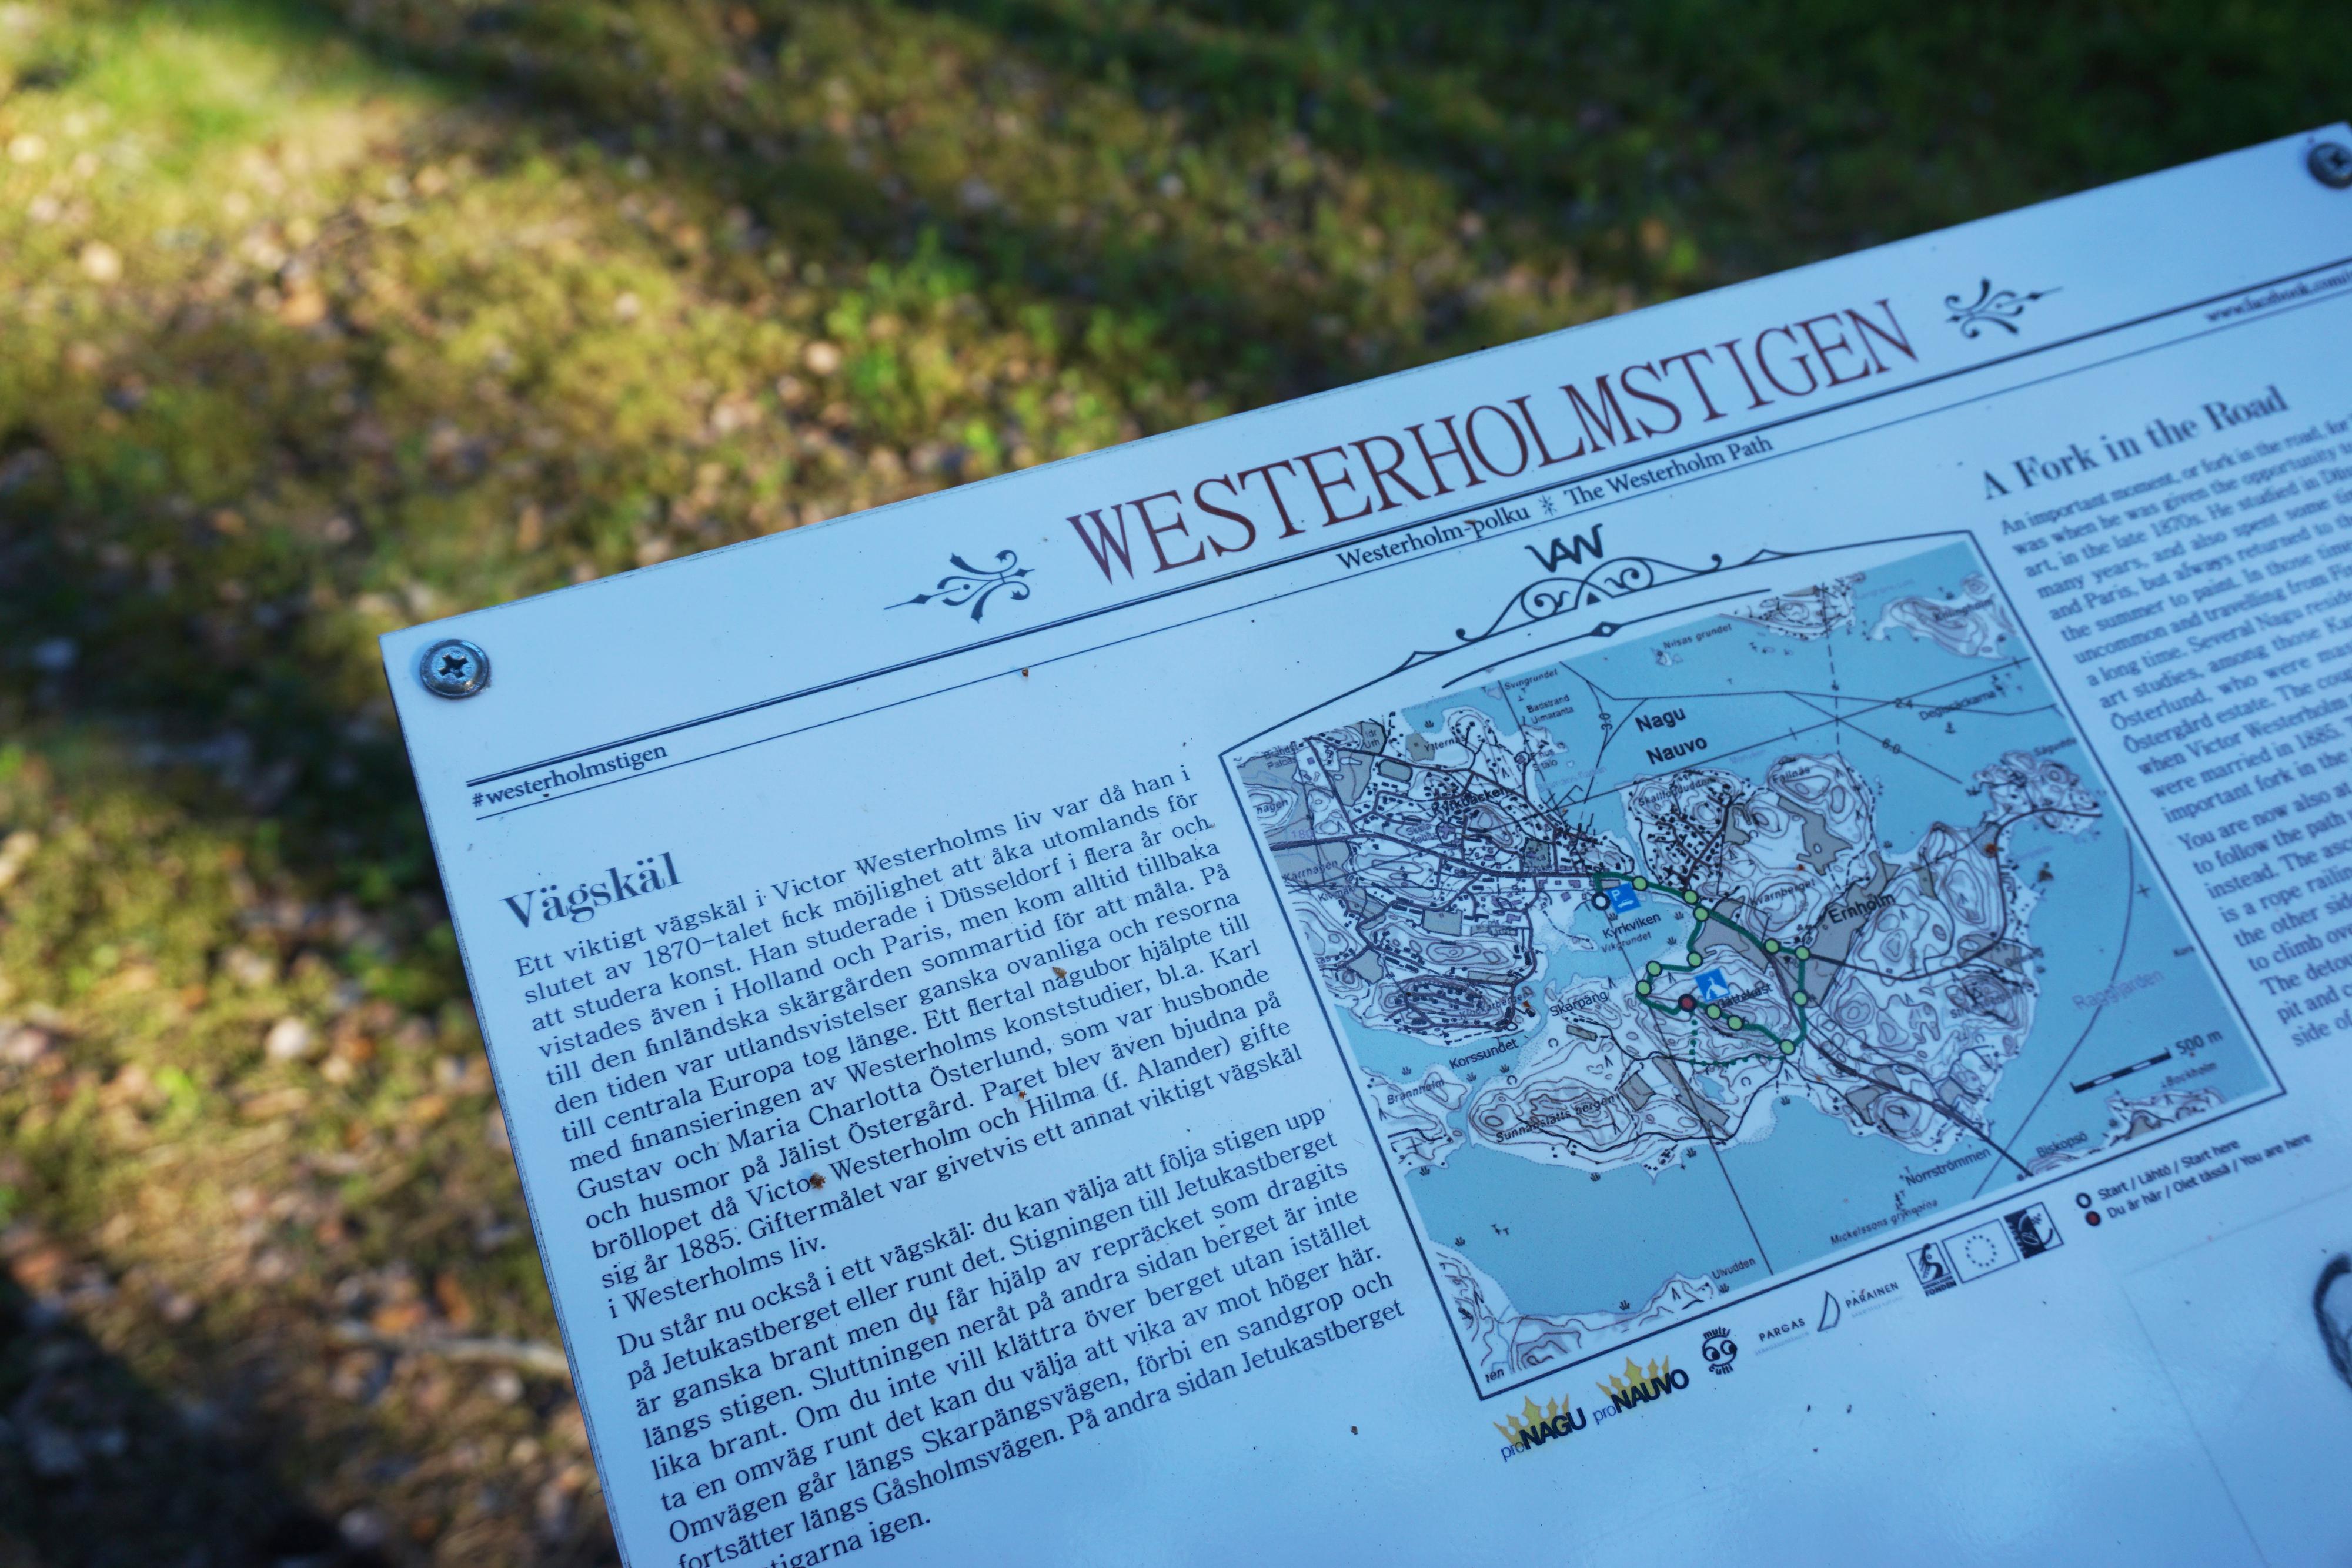 Westerholmstigen